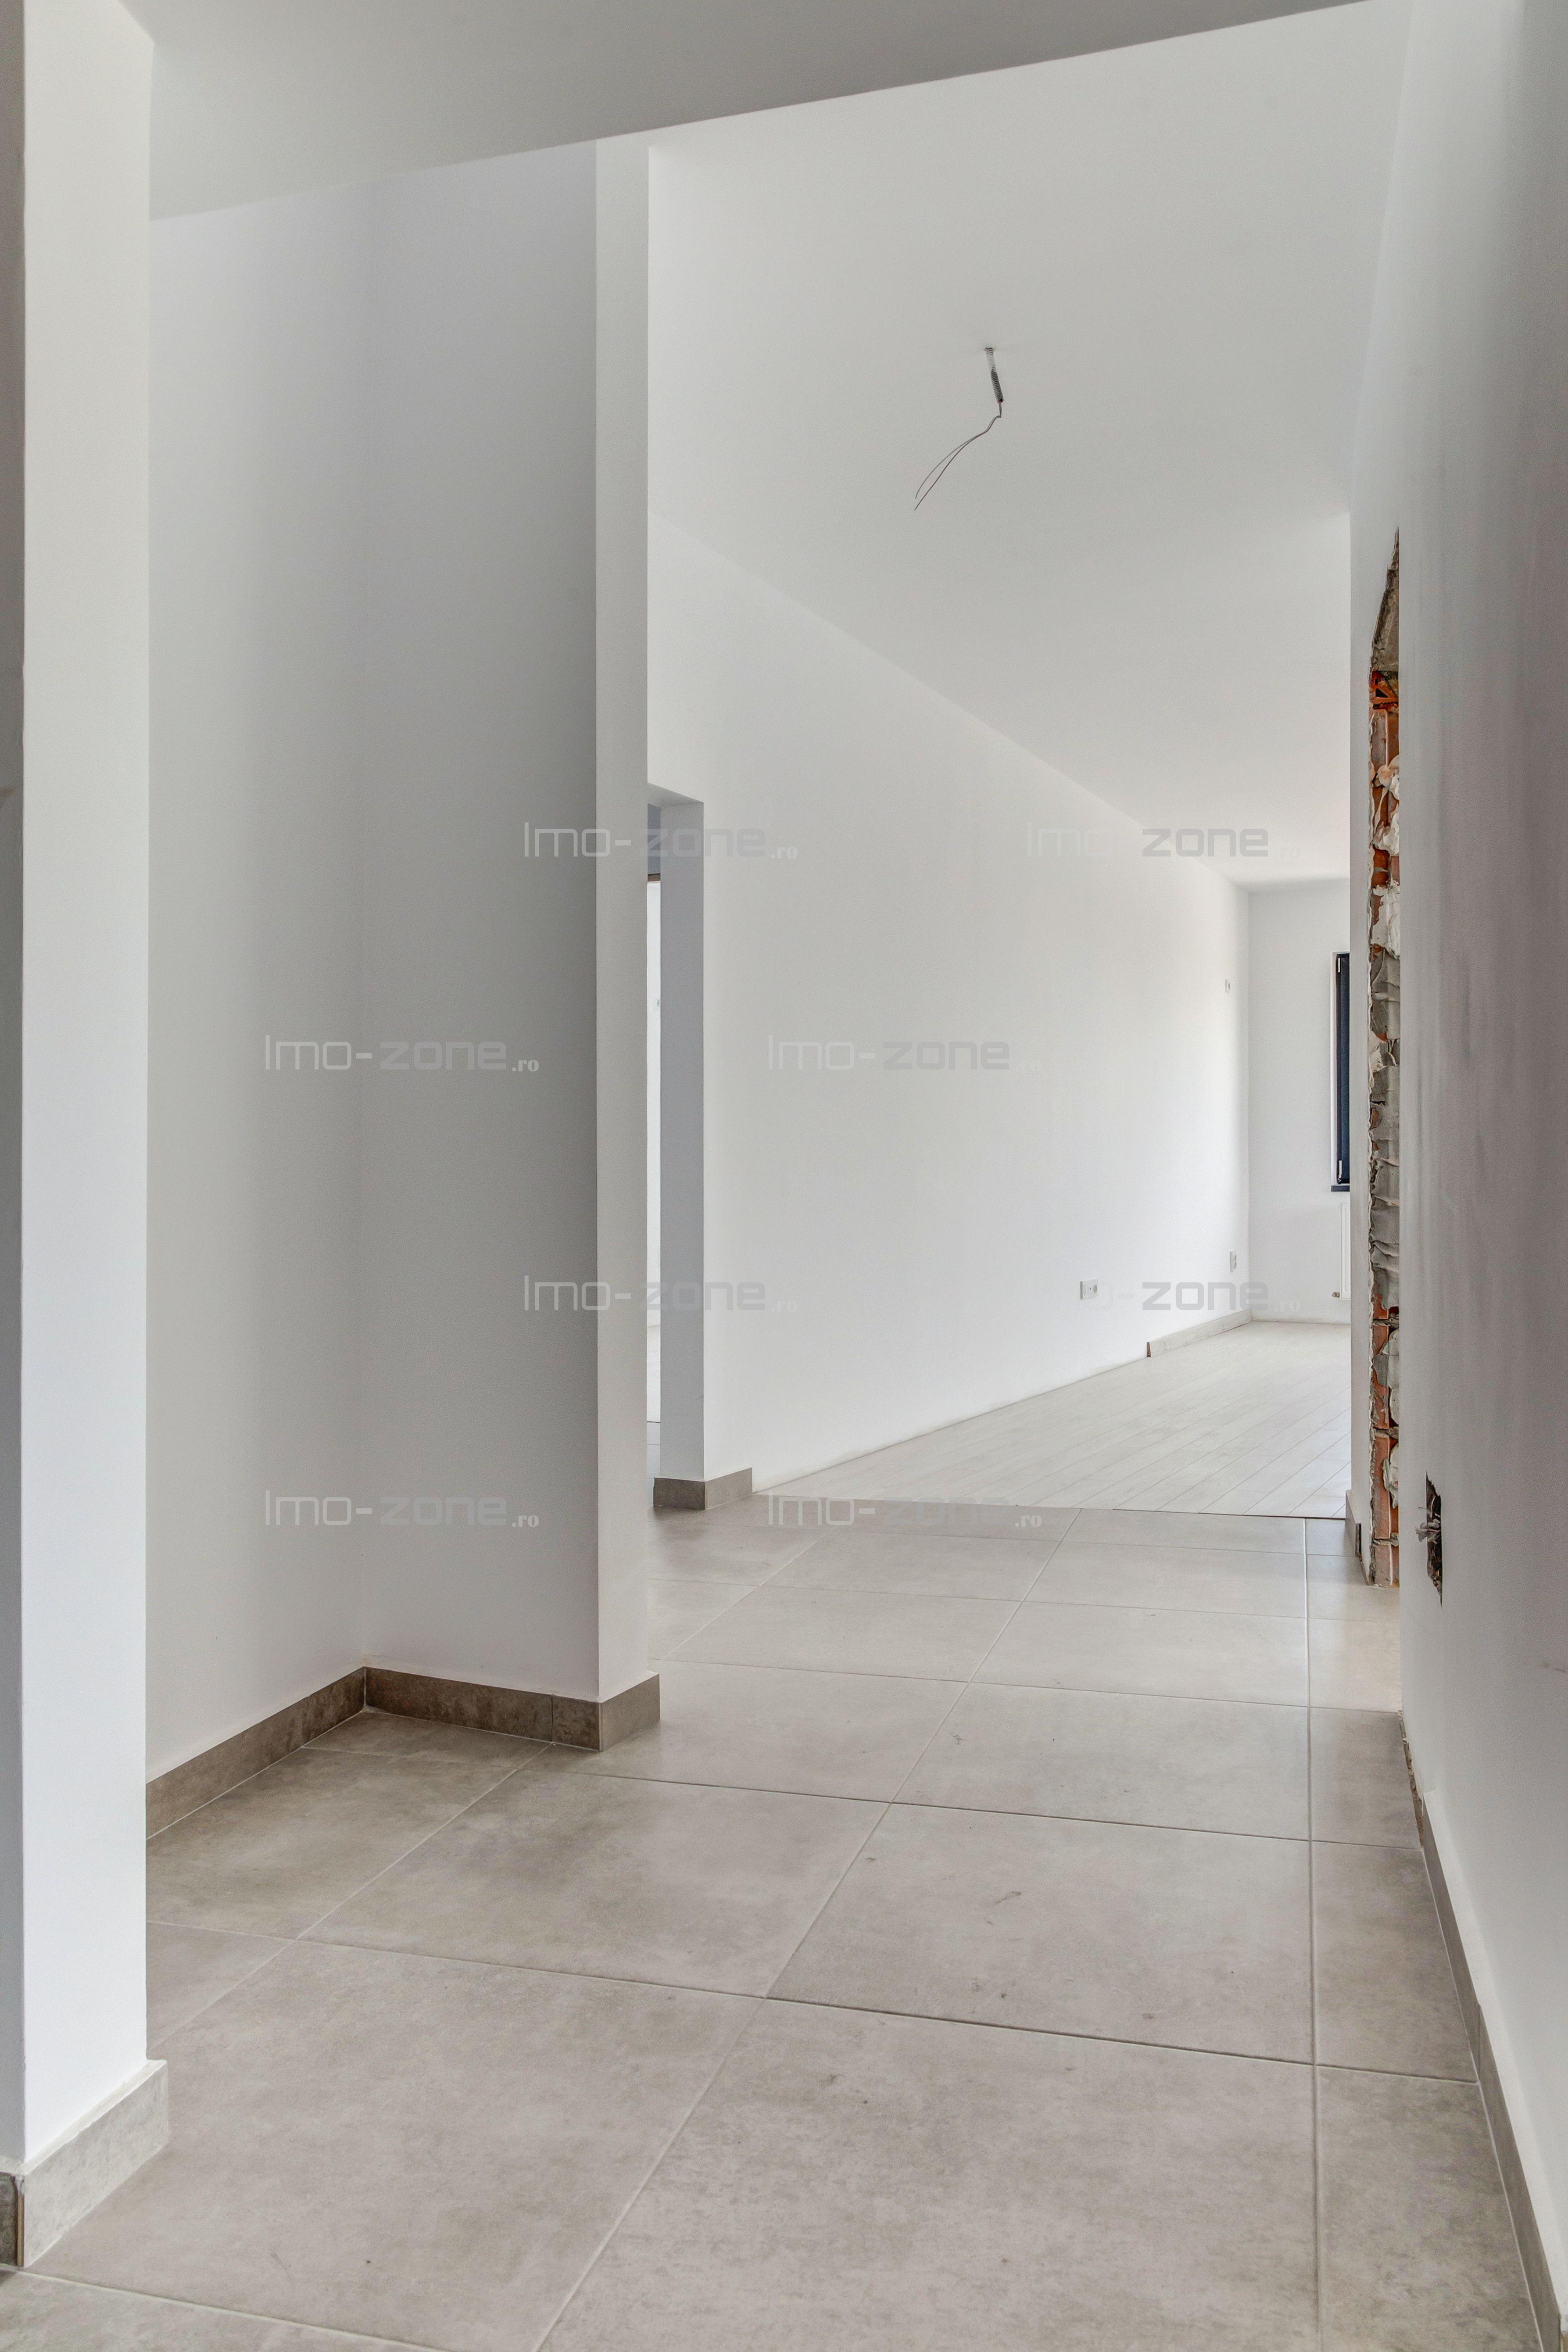 Ap. 3 camere, 85mp, decomandat, balcon, bloc nou, metrou Păcii, COMISION 0%.